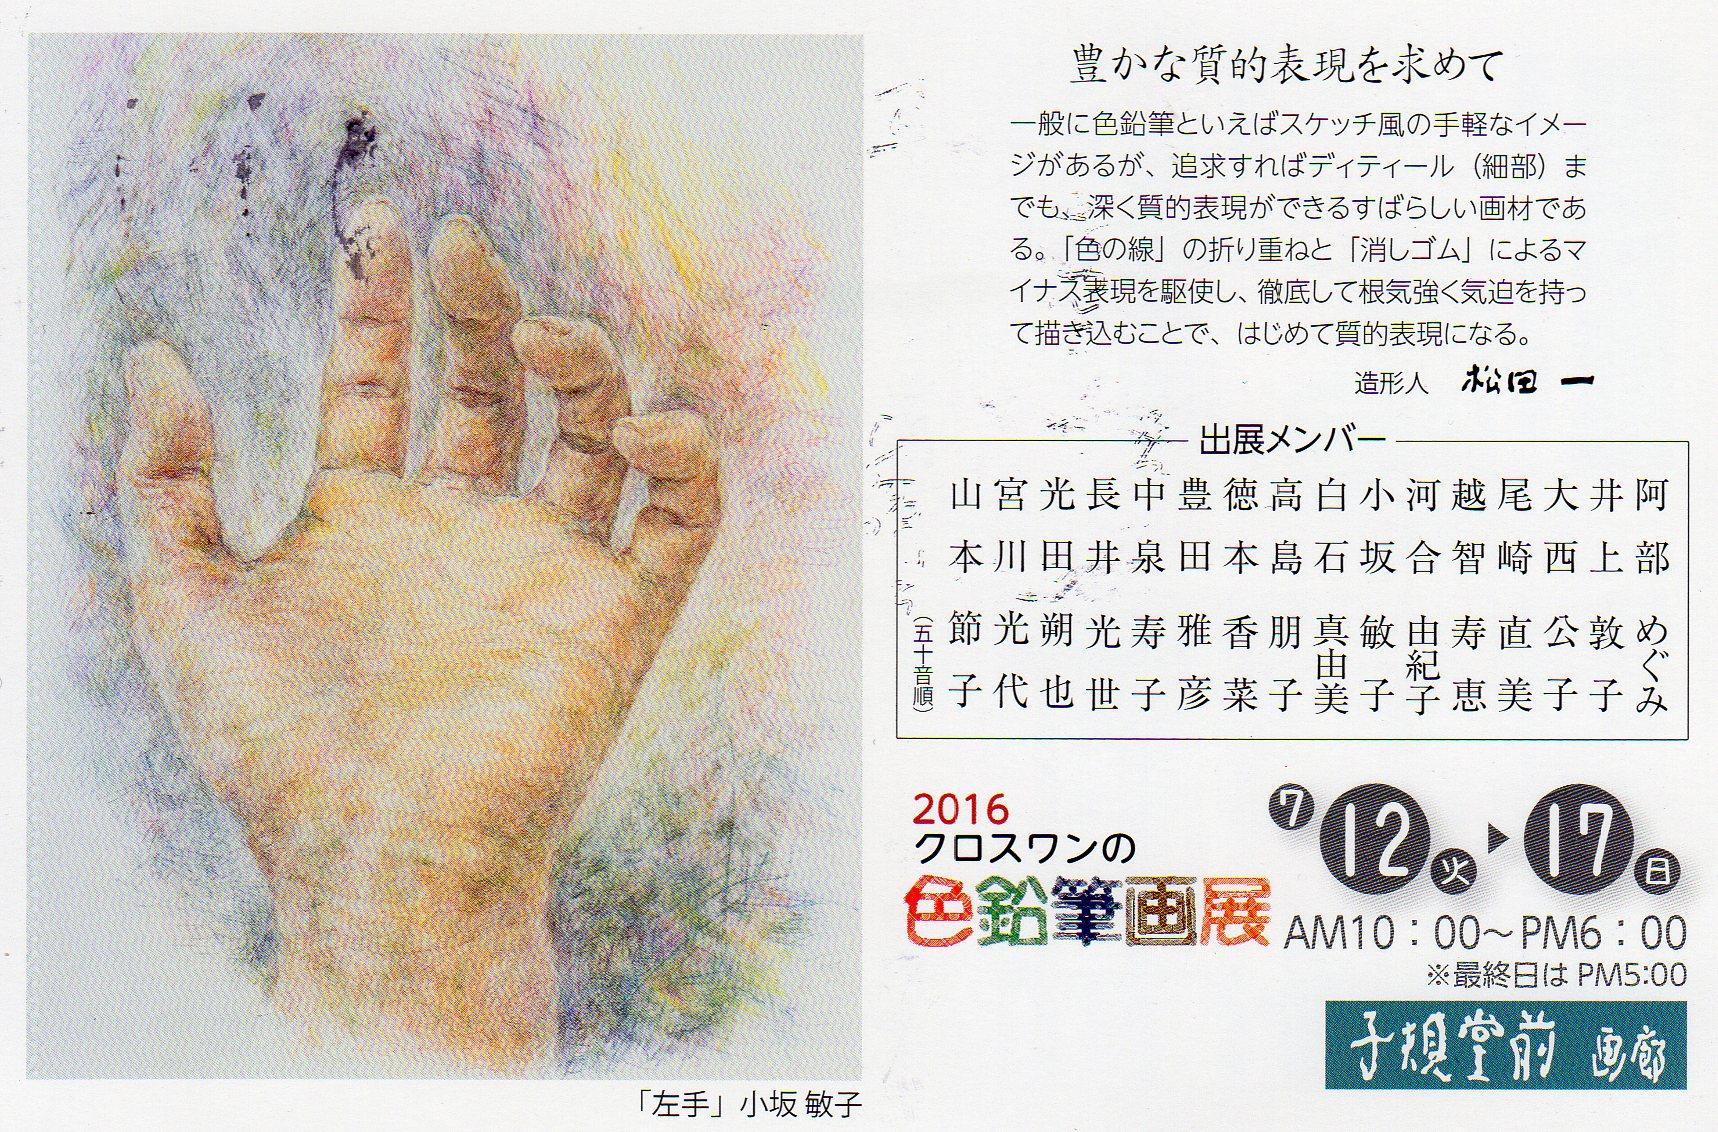 2016クロスワンの色鉛筆画展